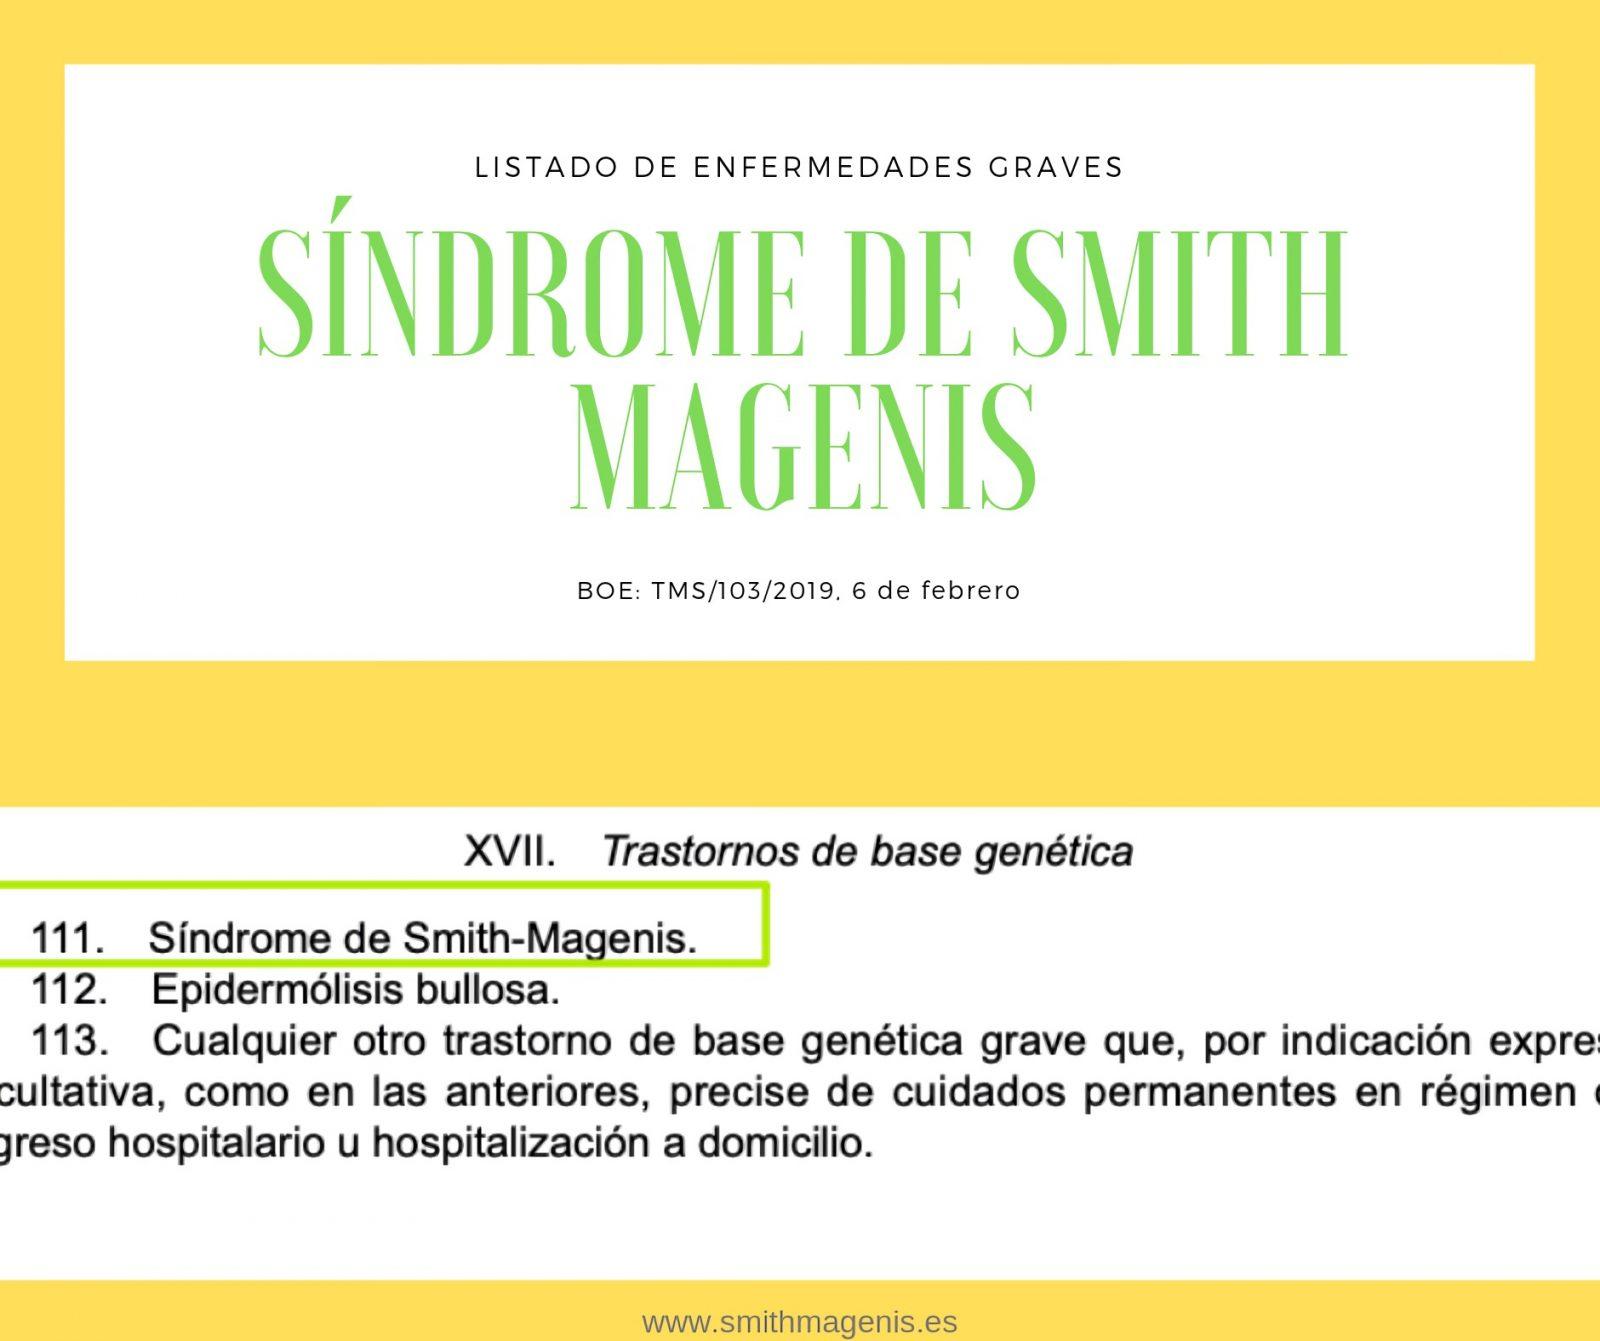 prestación económica para padres de Smith Magenis